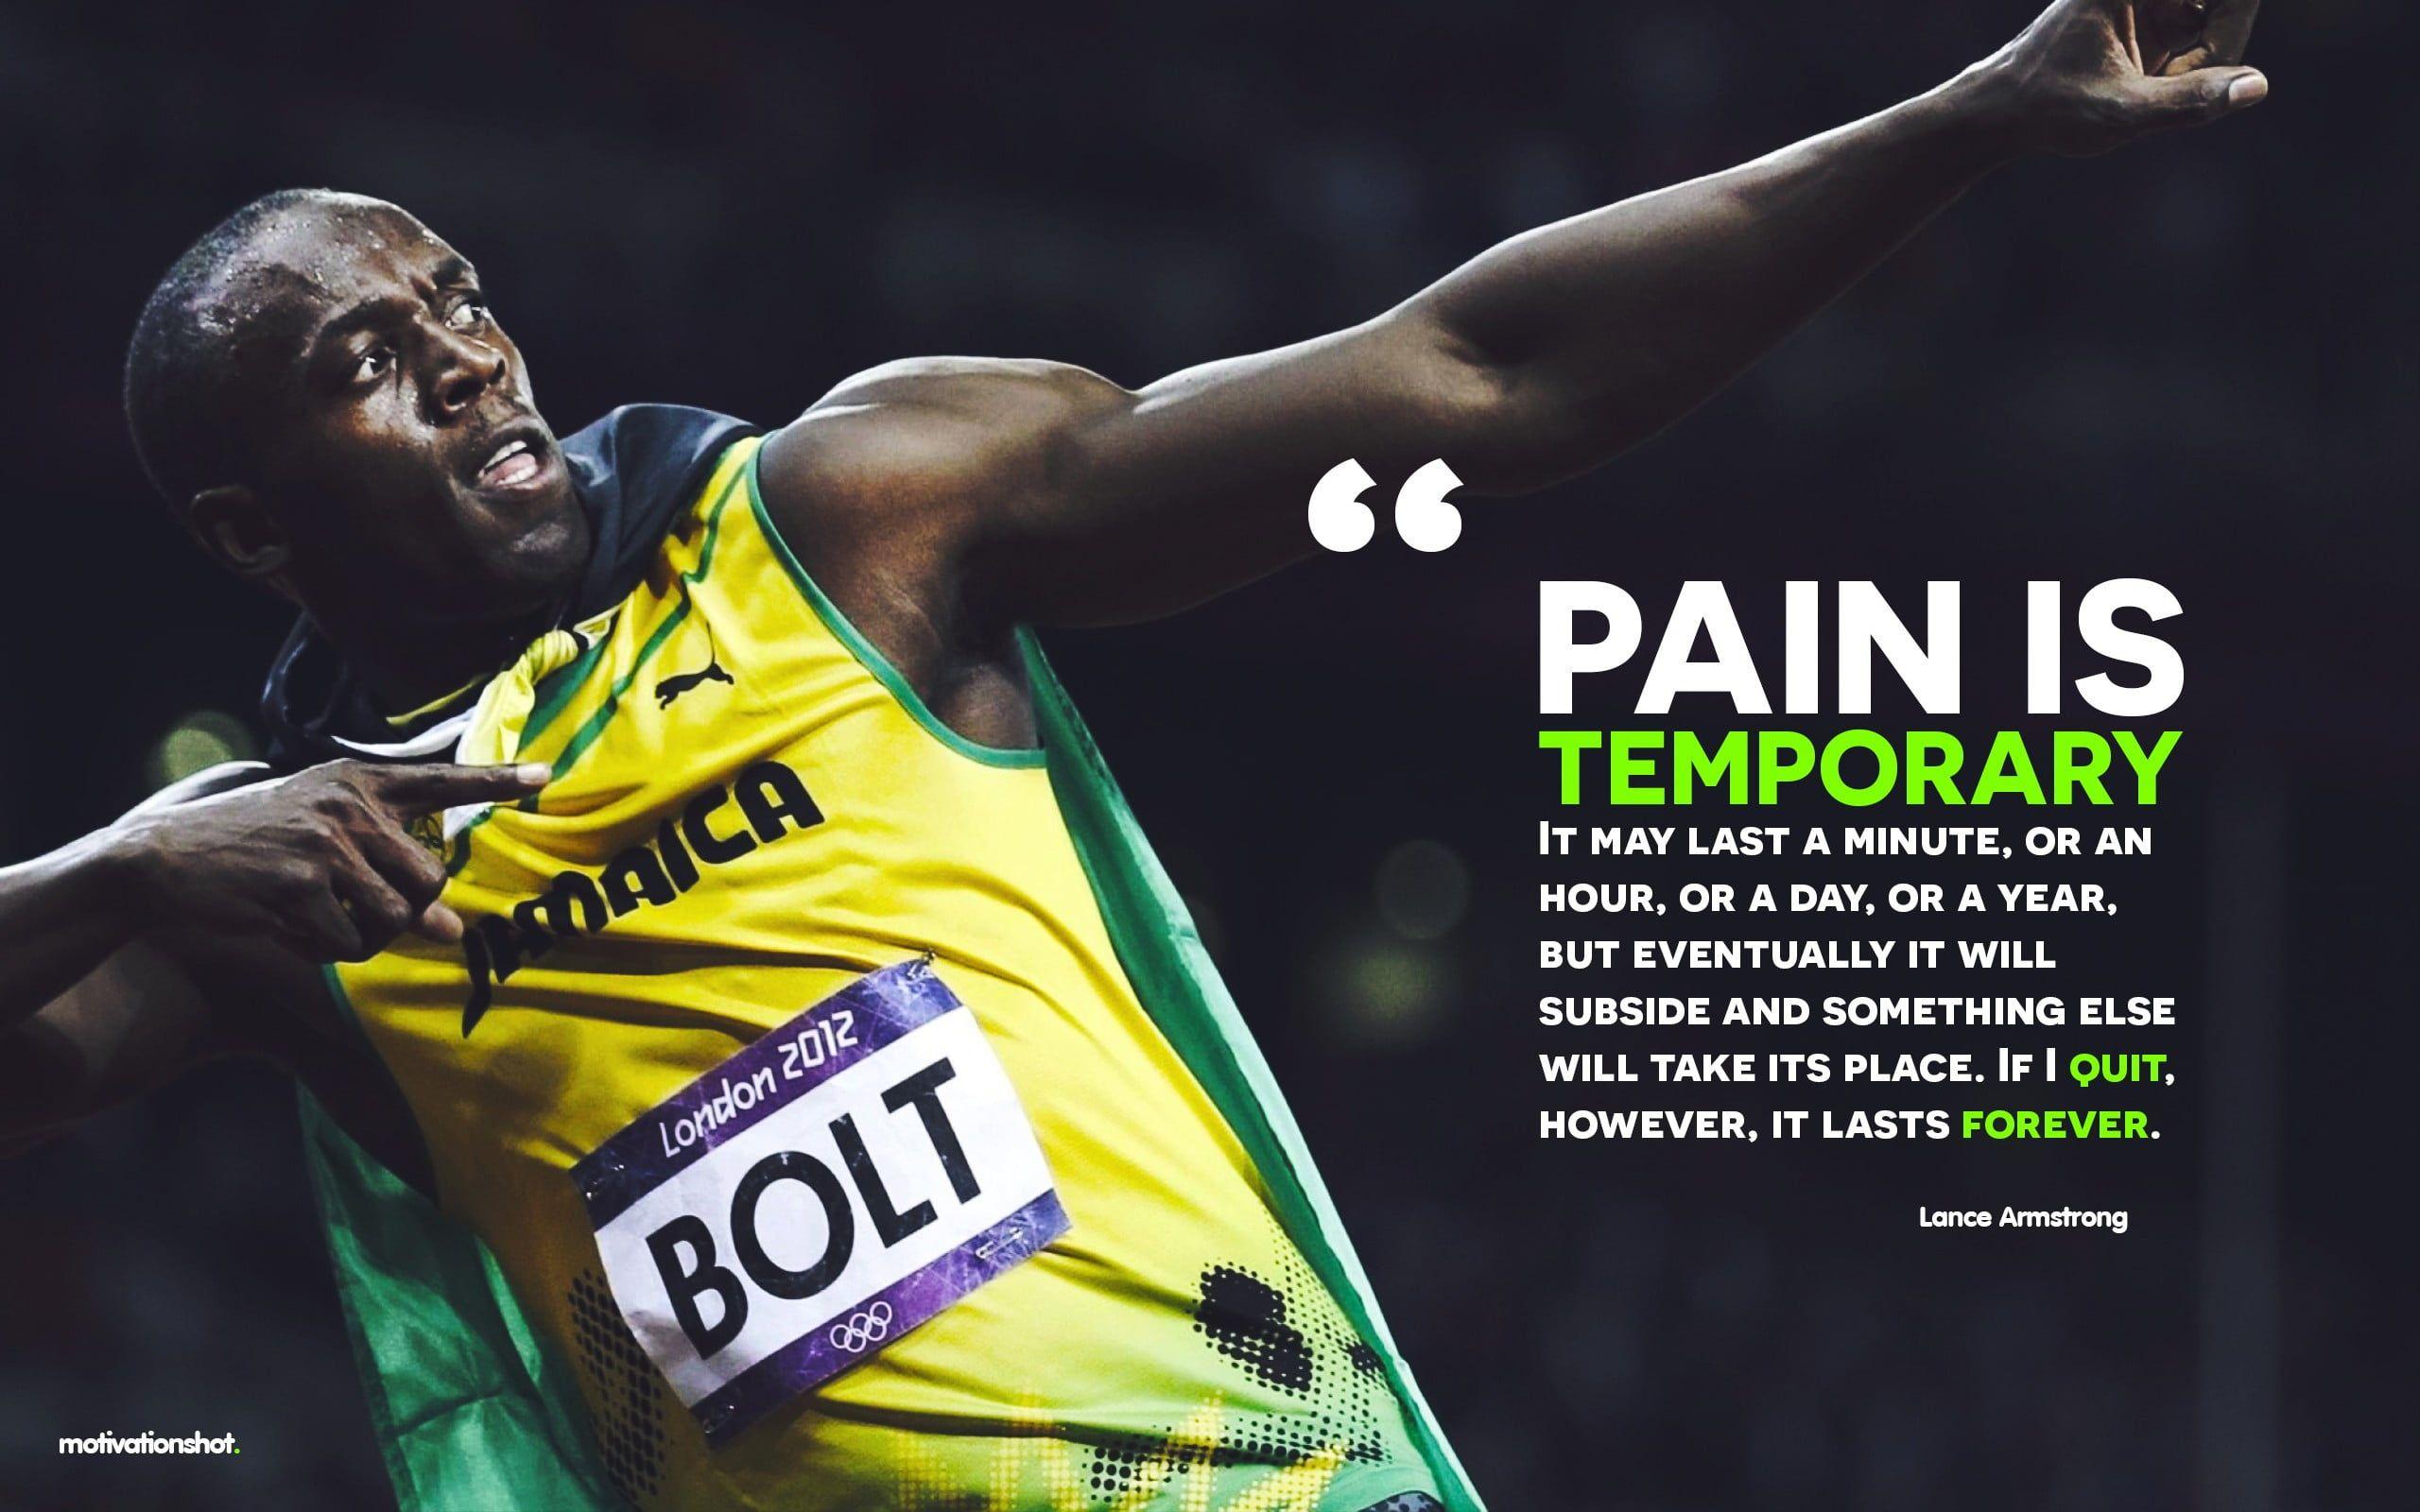 Wallpaper Yellow Jersey With Text Overlay Usain Bolt Running Motivational Running Motivation Quotes Usain Bolt Quotes Usain Bolt